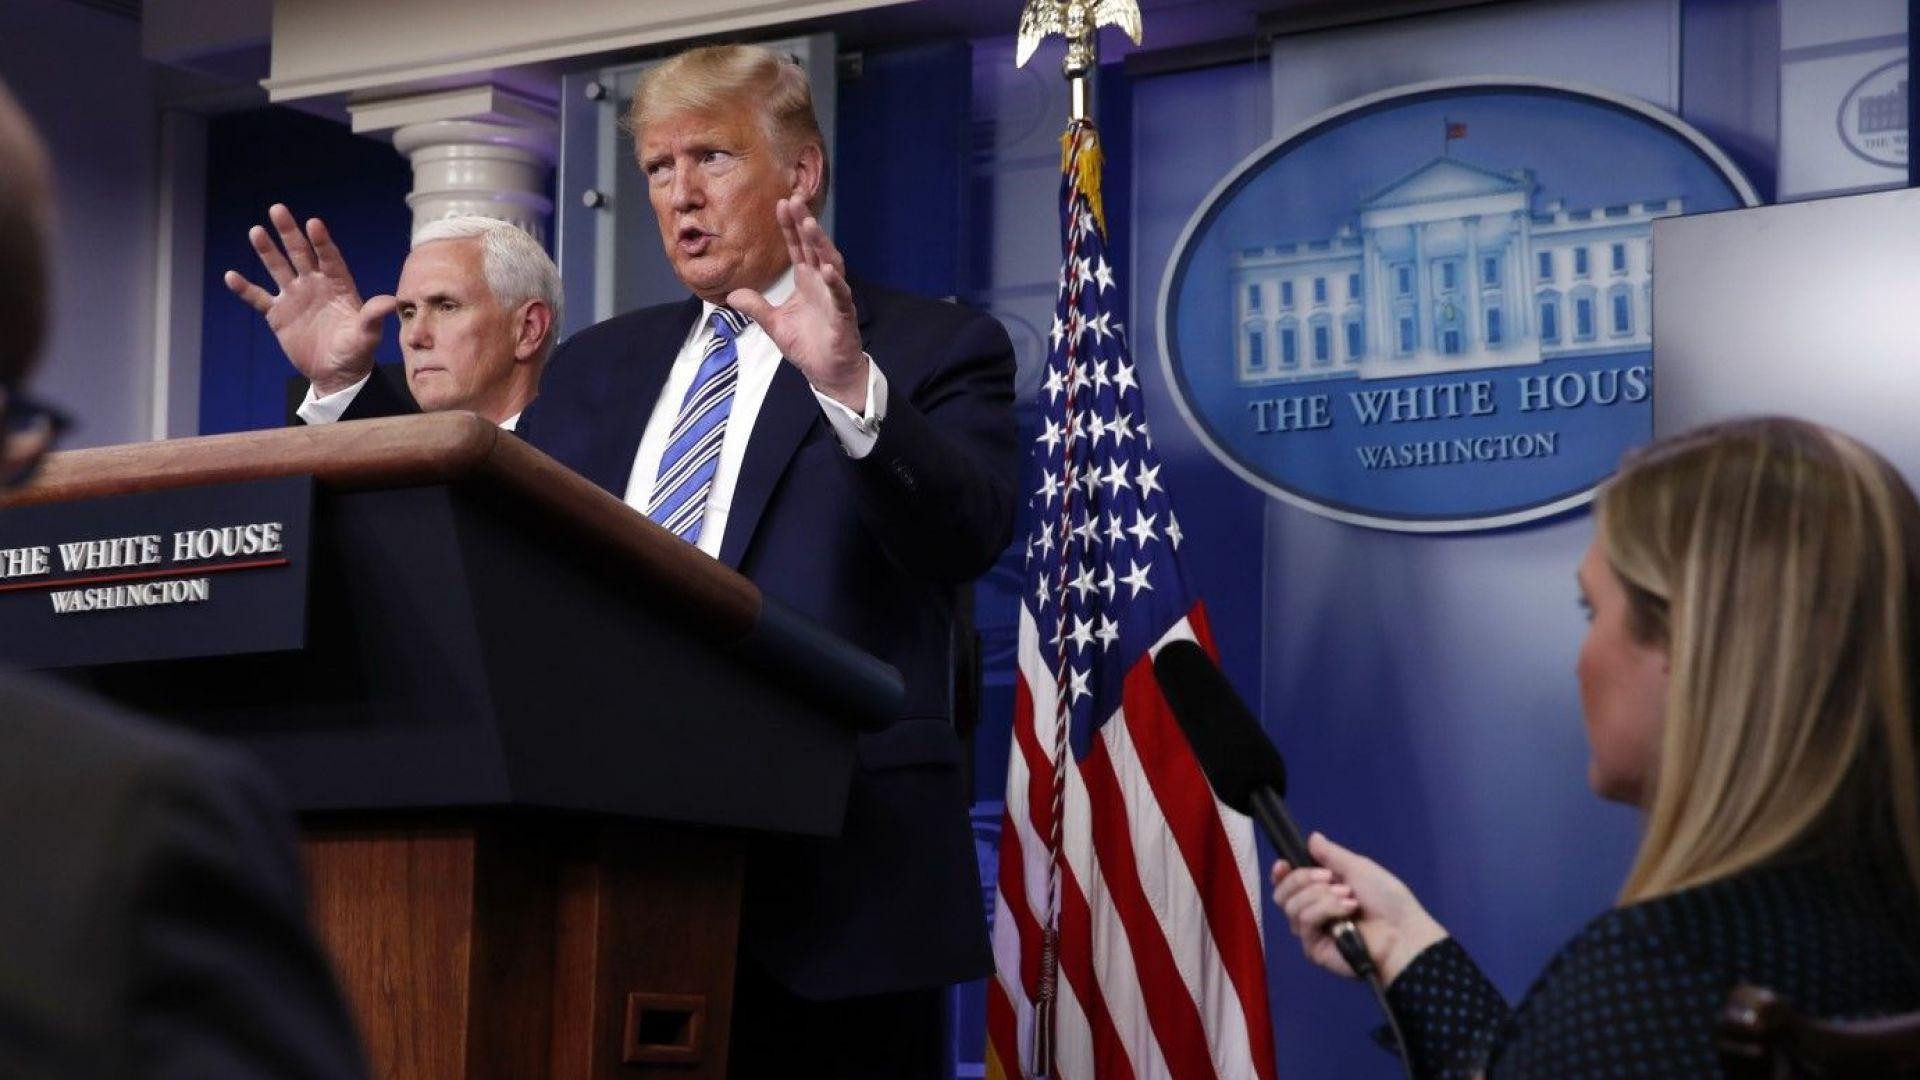 САЩ може да се превърнат в нов епицентър на заразата: какво ще направи президентът